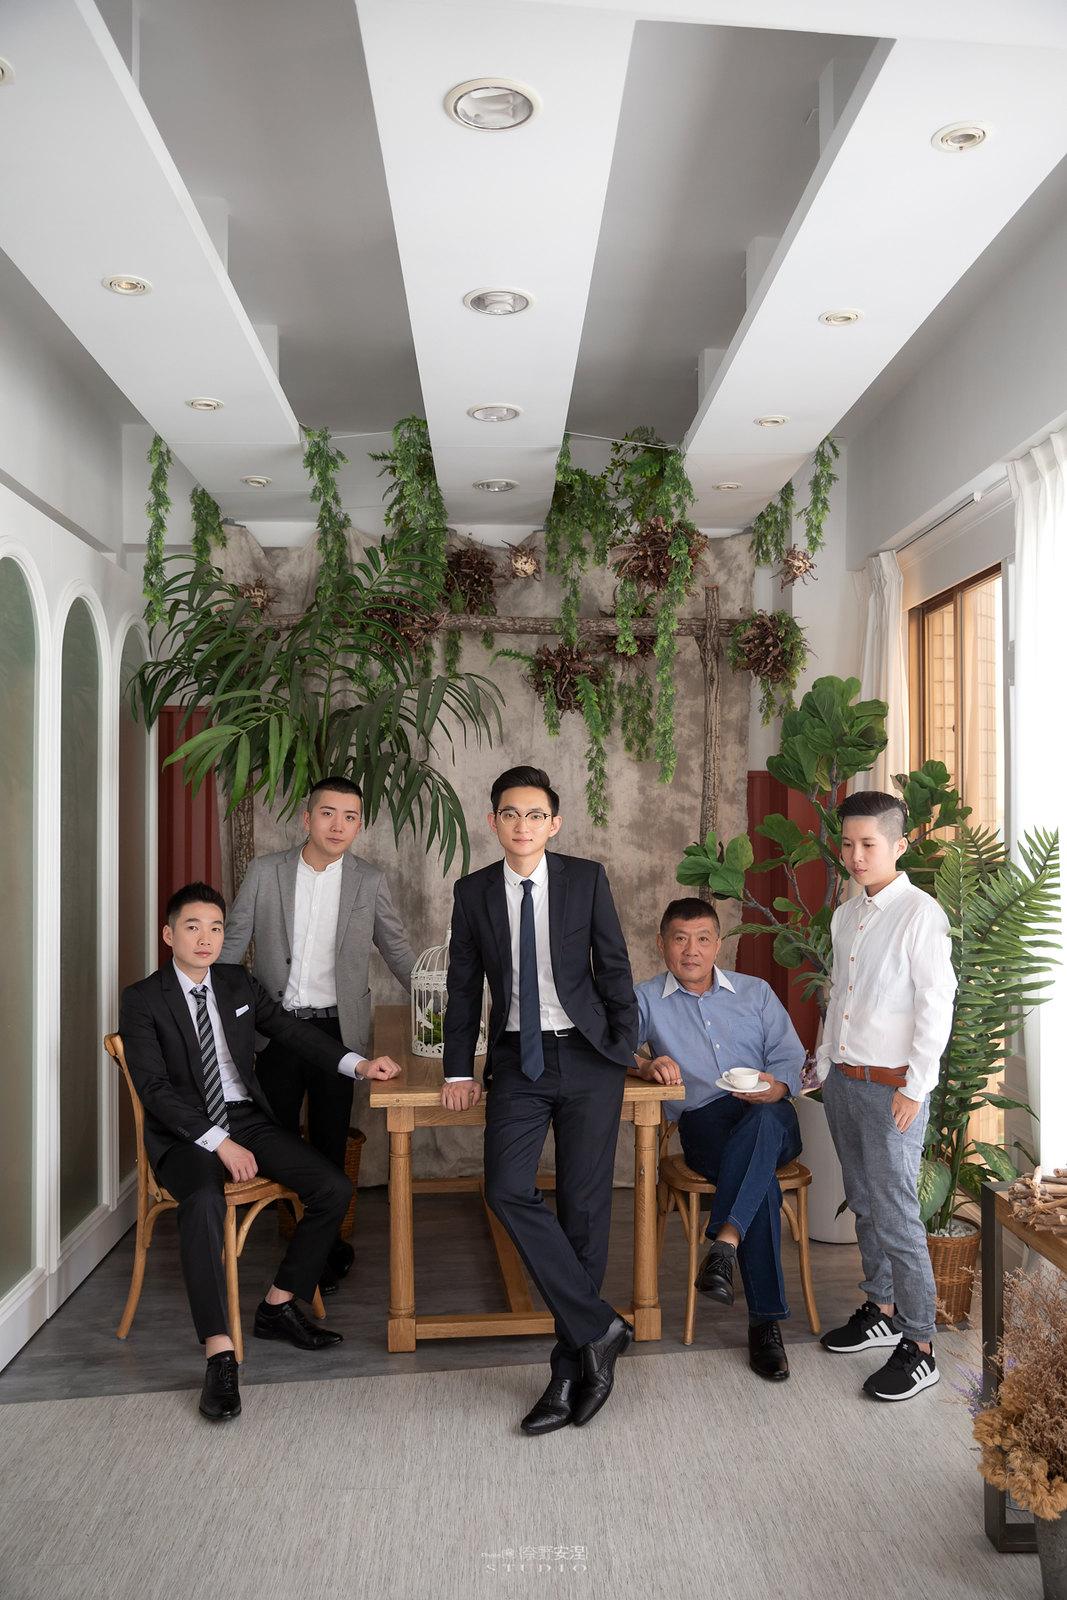 台南全家福 | 拋棄傳統合照的彆扭,忠實呈現家人間最親密的情感4